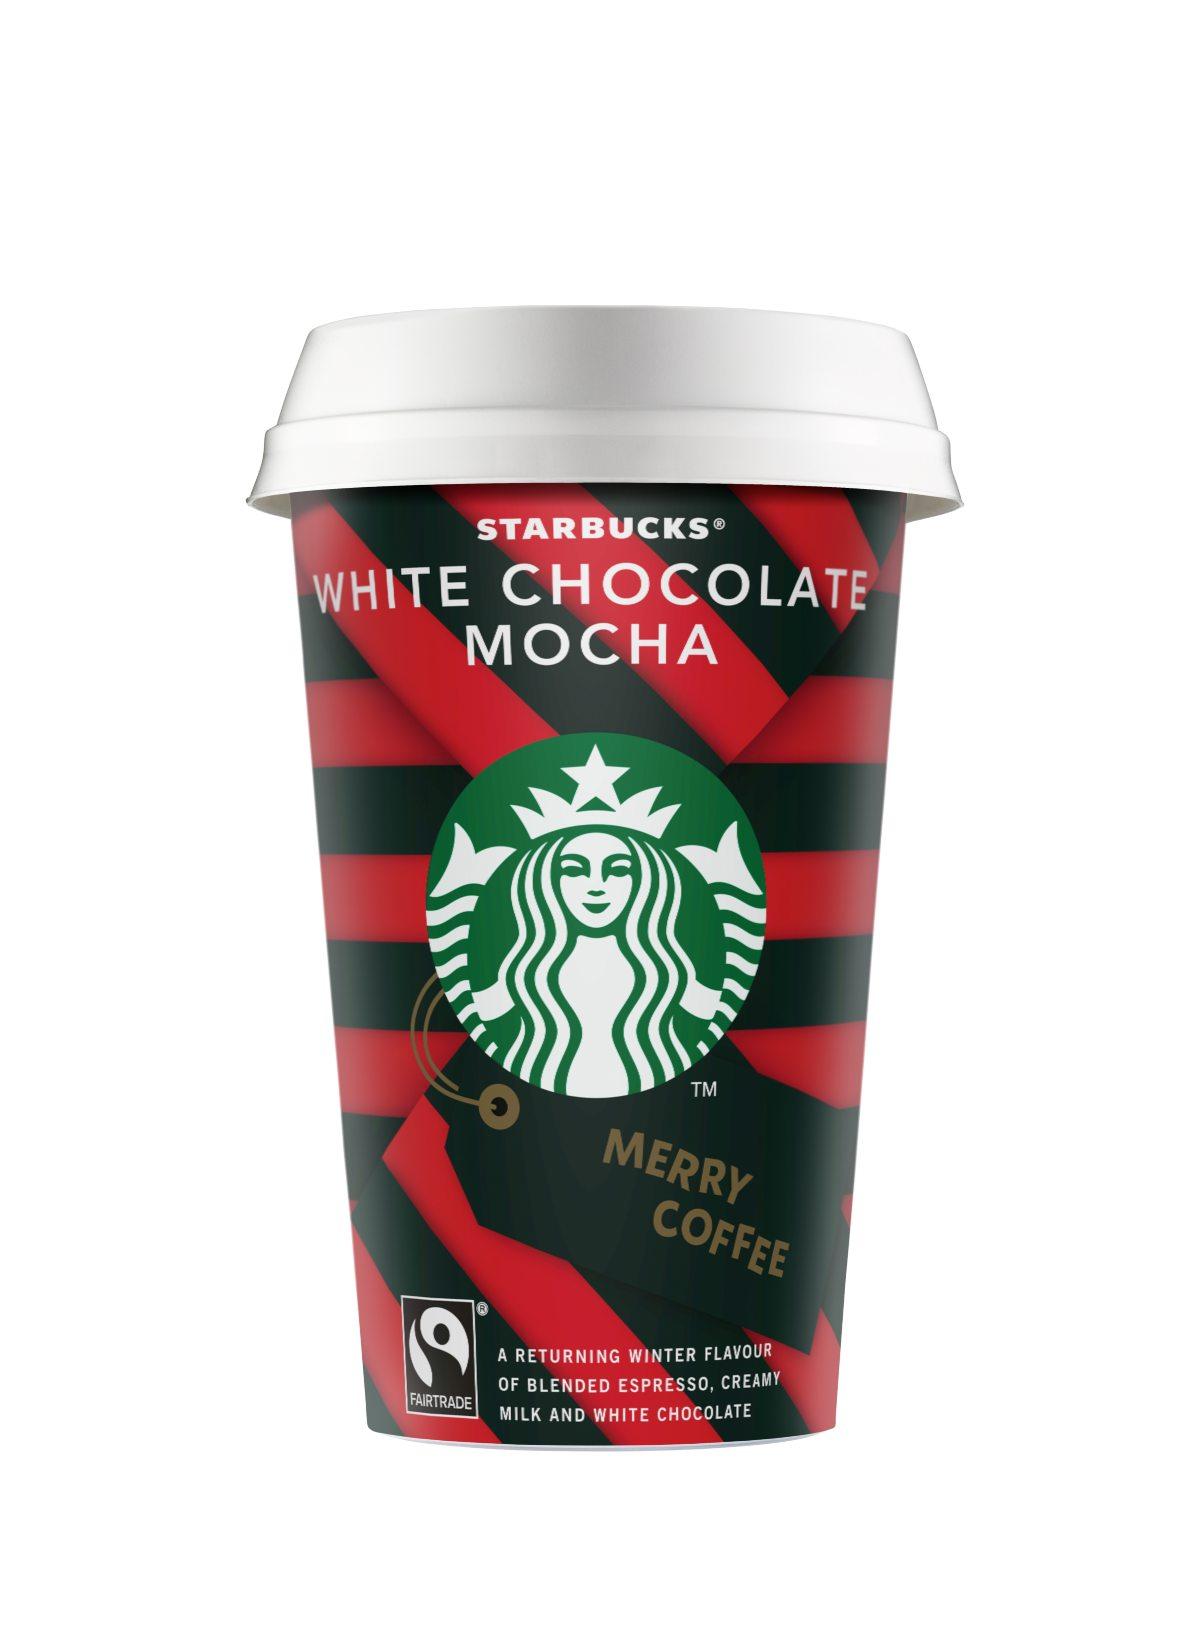 Τα αγαπημένα ροφήματα on the go των Starbucks, White Chocolate Mocha & Cappuccino «στολίζονται» και υποδέχονται τα Χριστούγεννα!